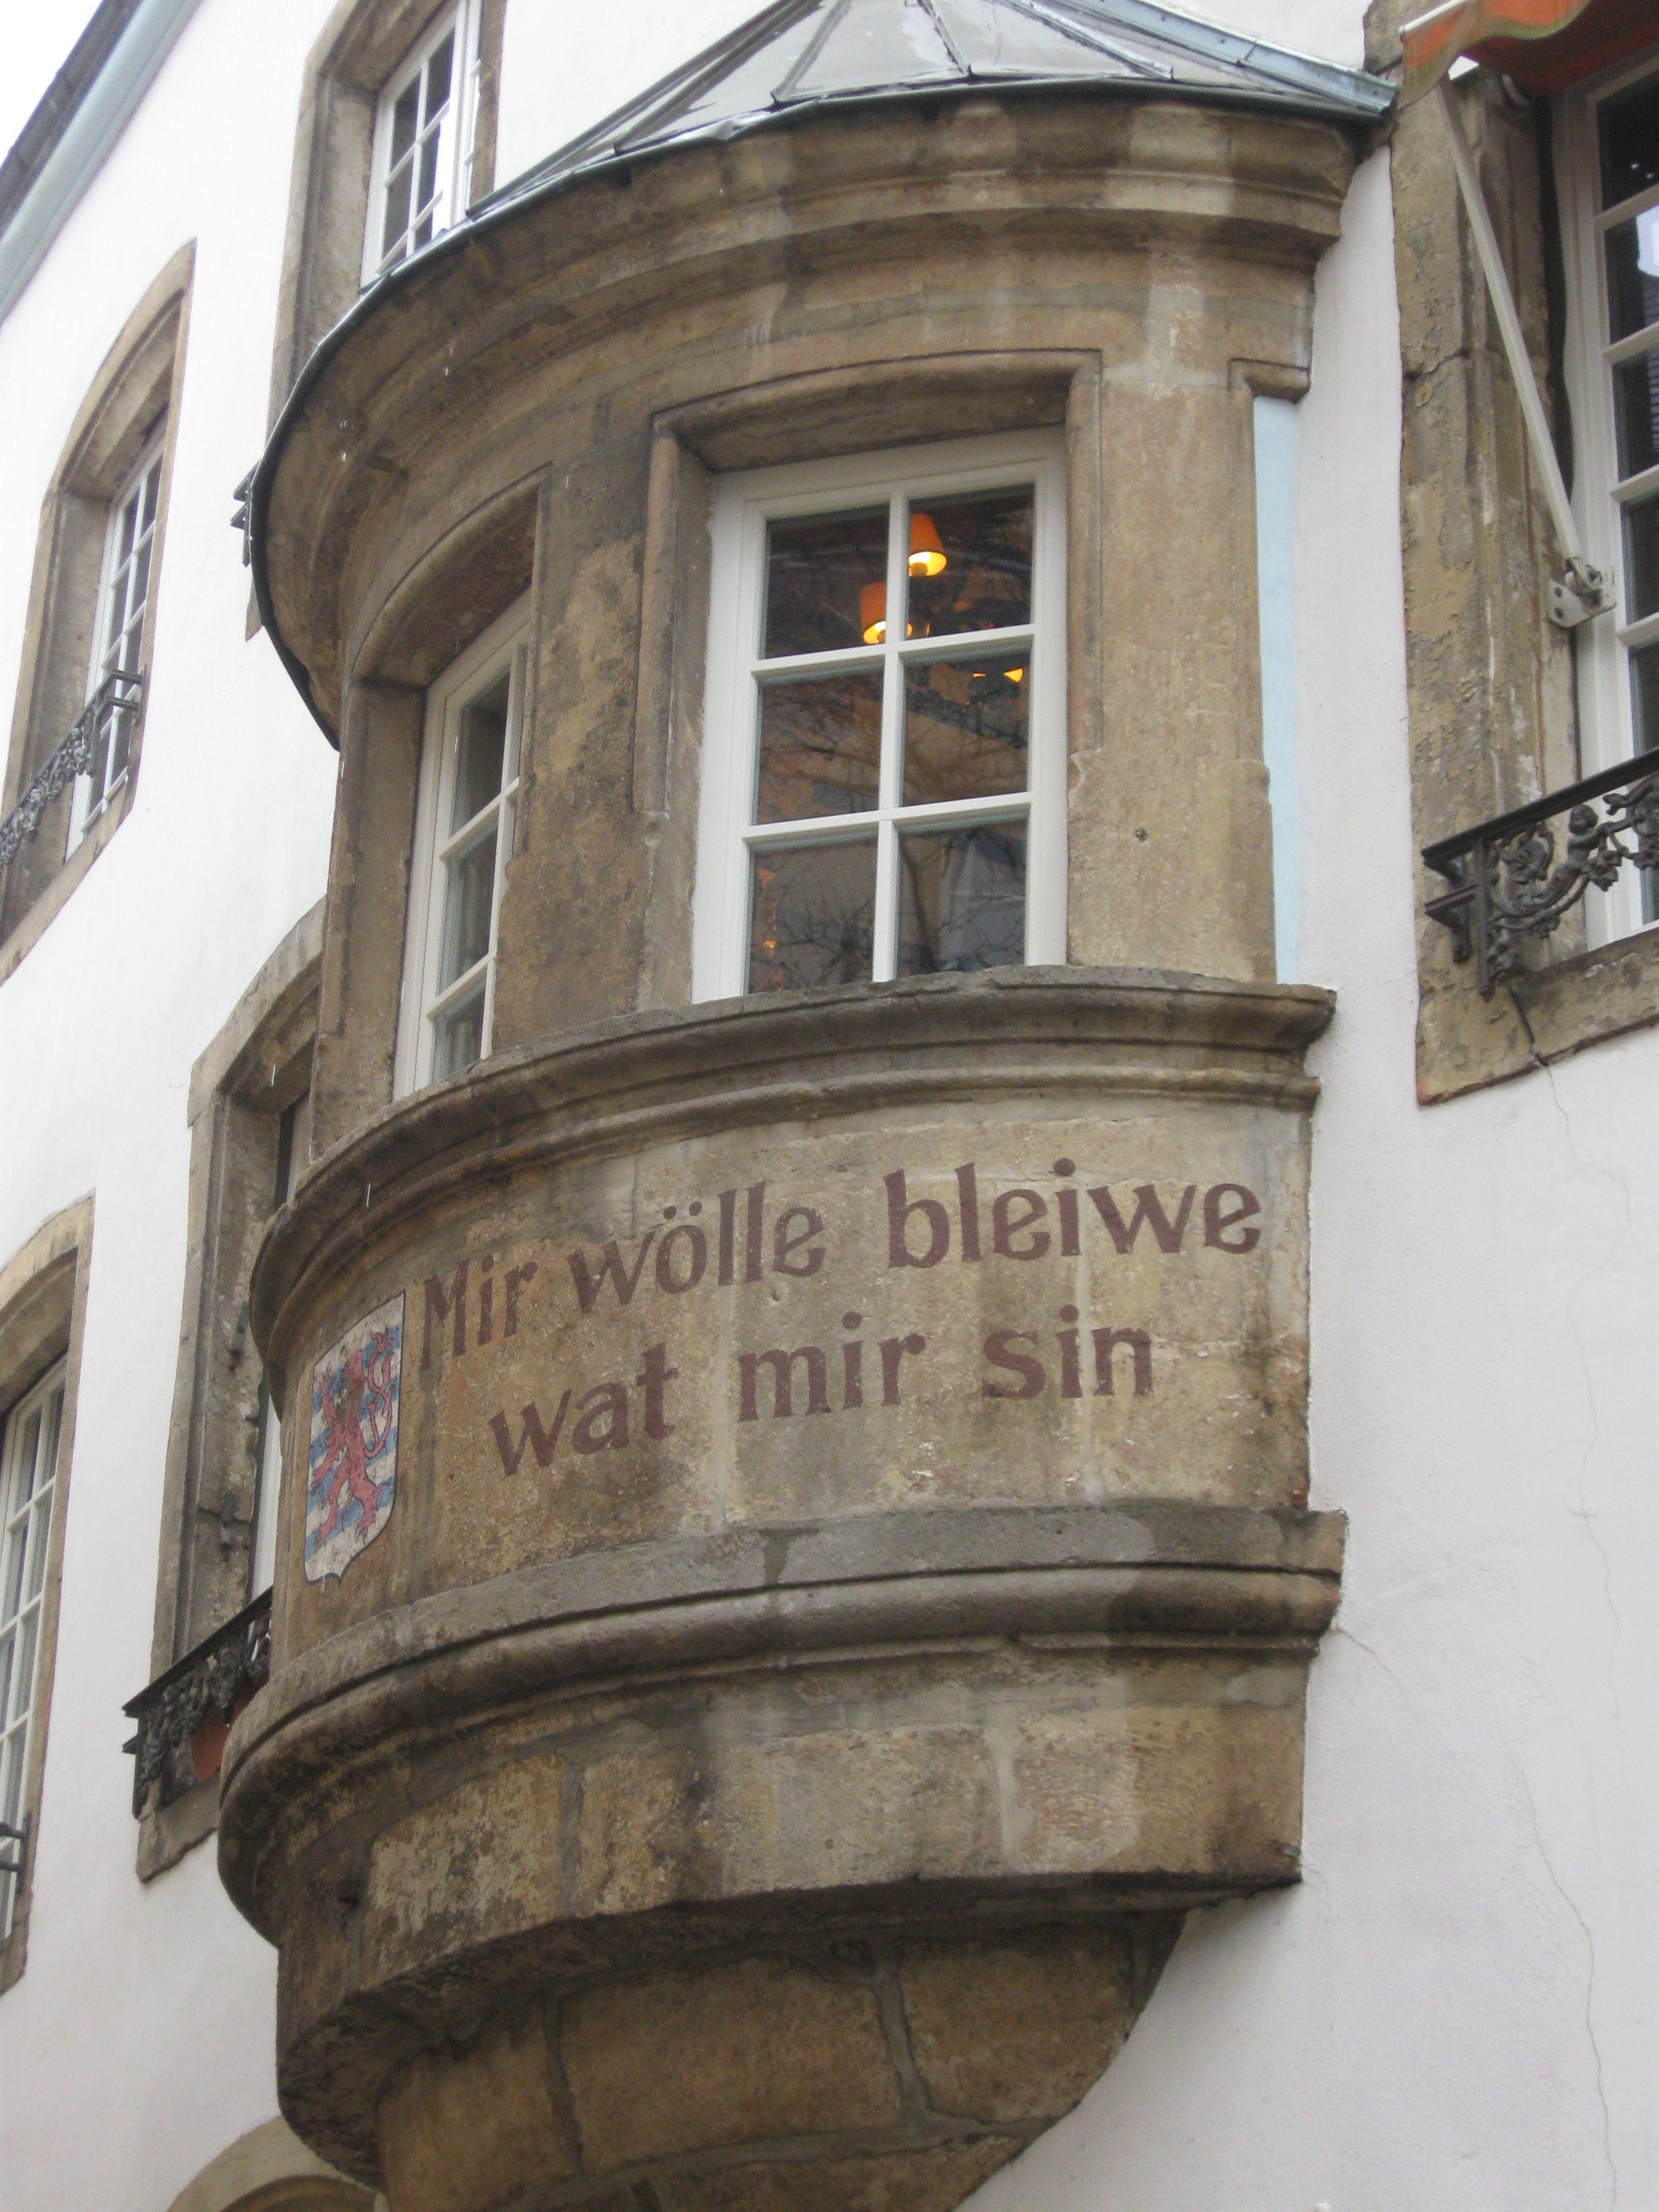 2012-10-14-Luxembourgmotto.jpg